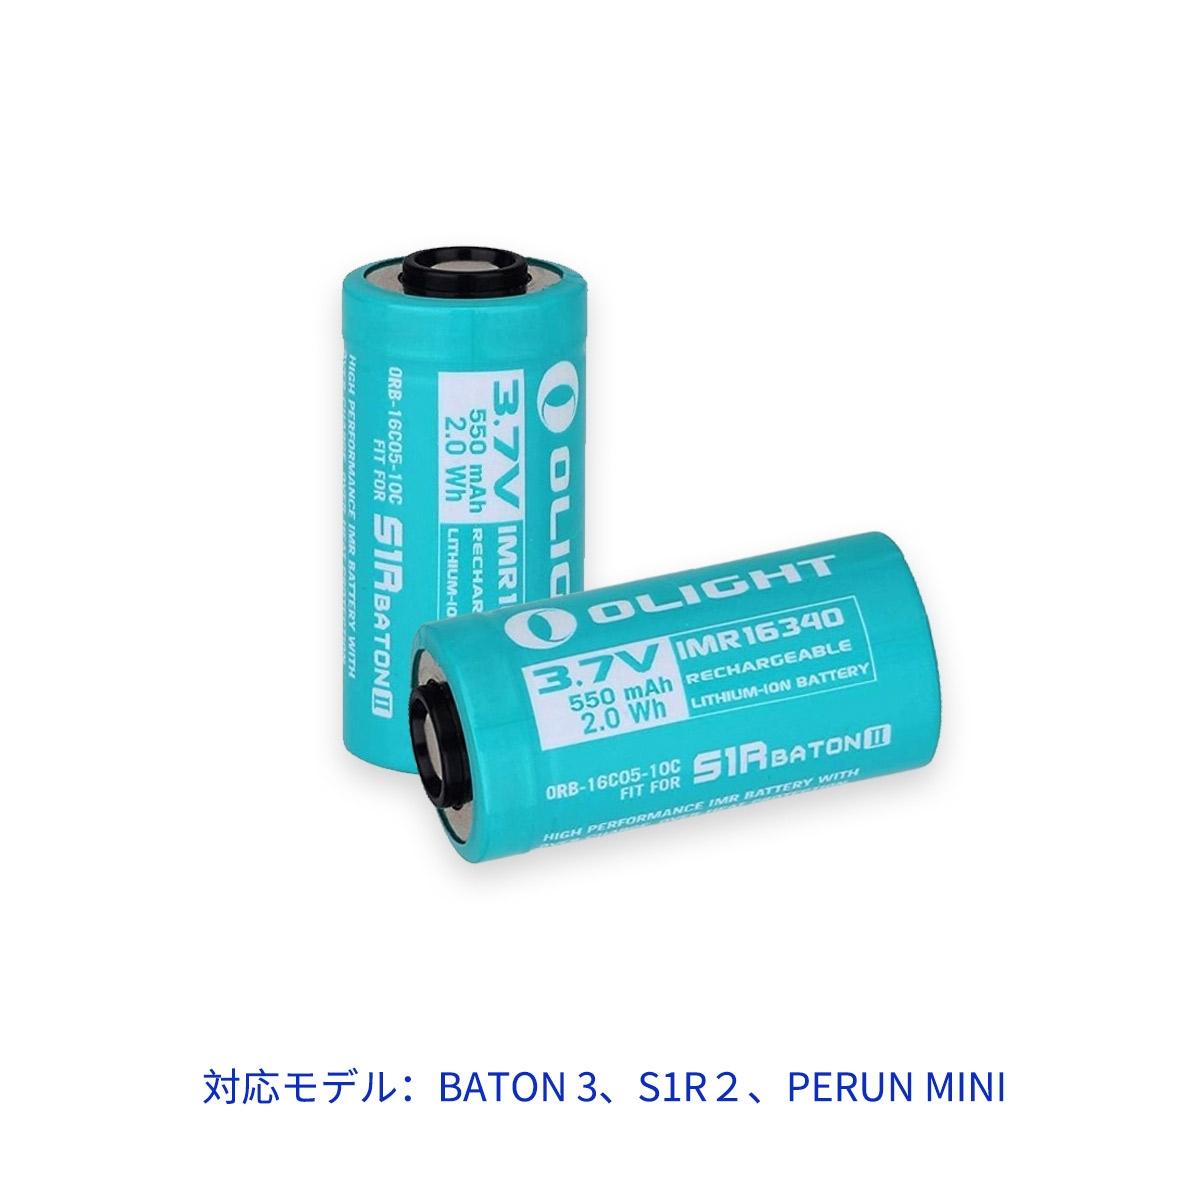 IMR16340電池 550mAh 2点セット Baton3、S1R Baton II、Perun MINI専用